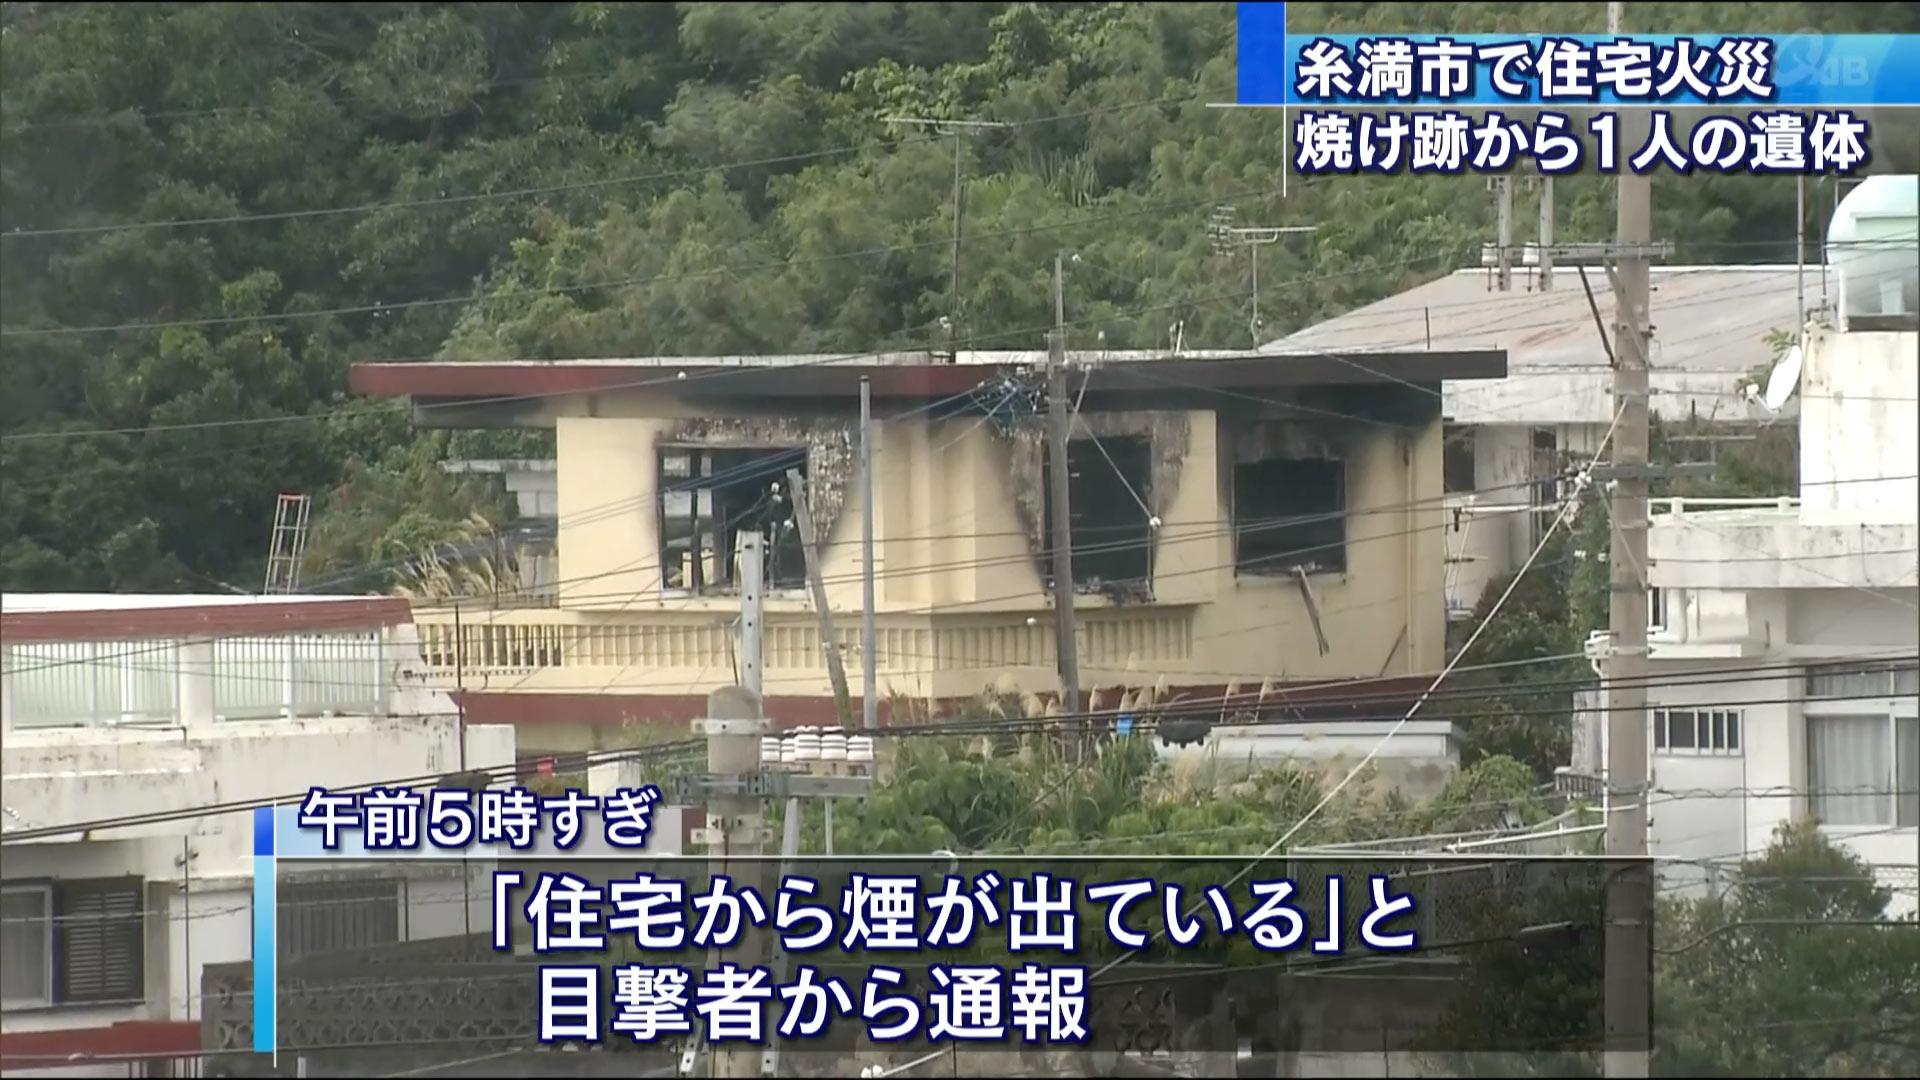 糸満市で住宅火災 焼け跡から遺体が見つかる